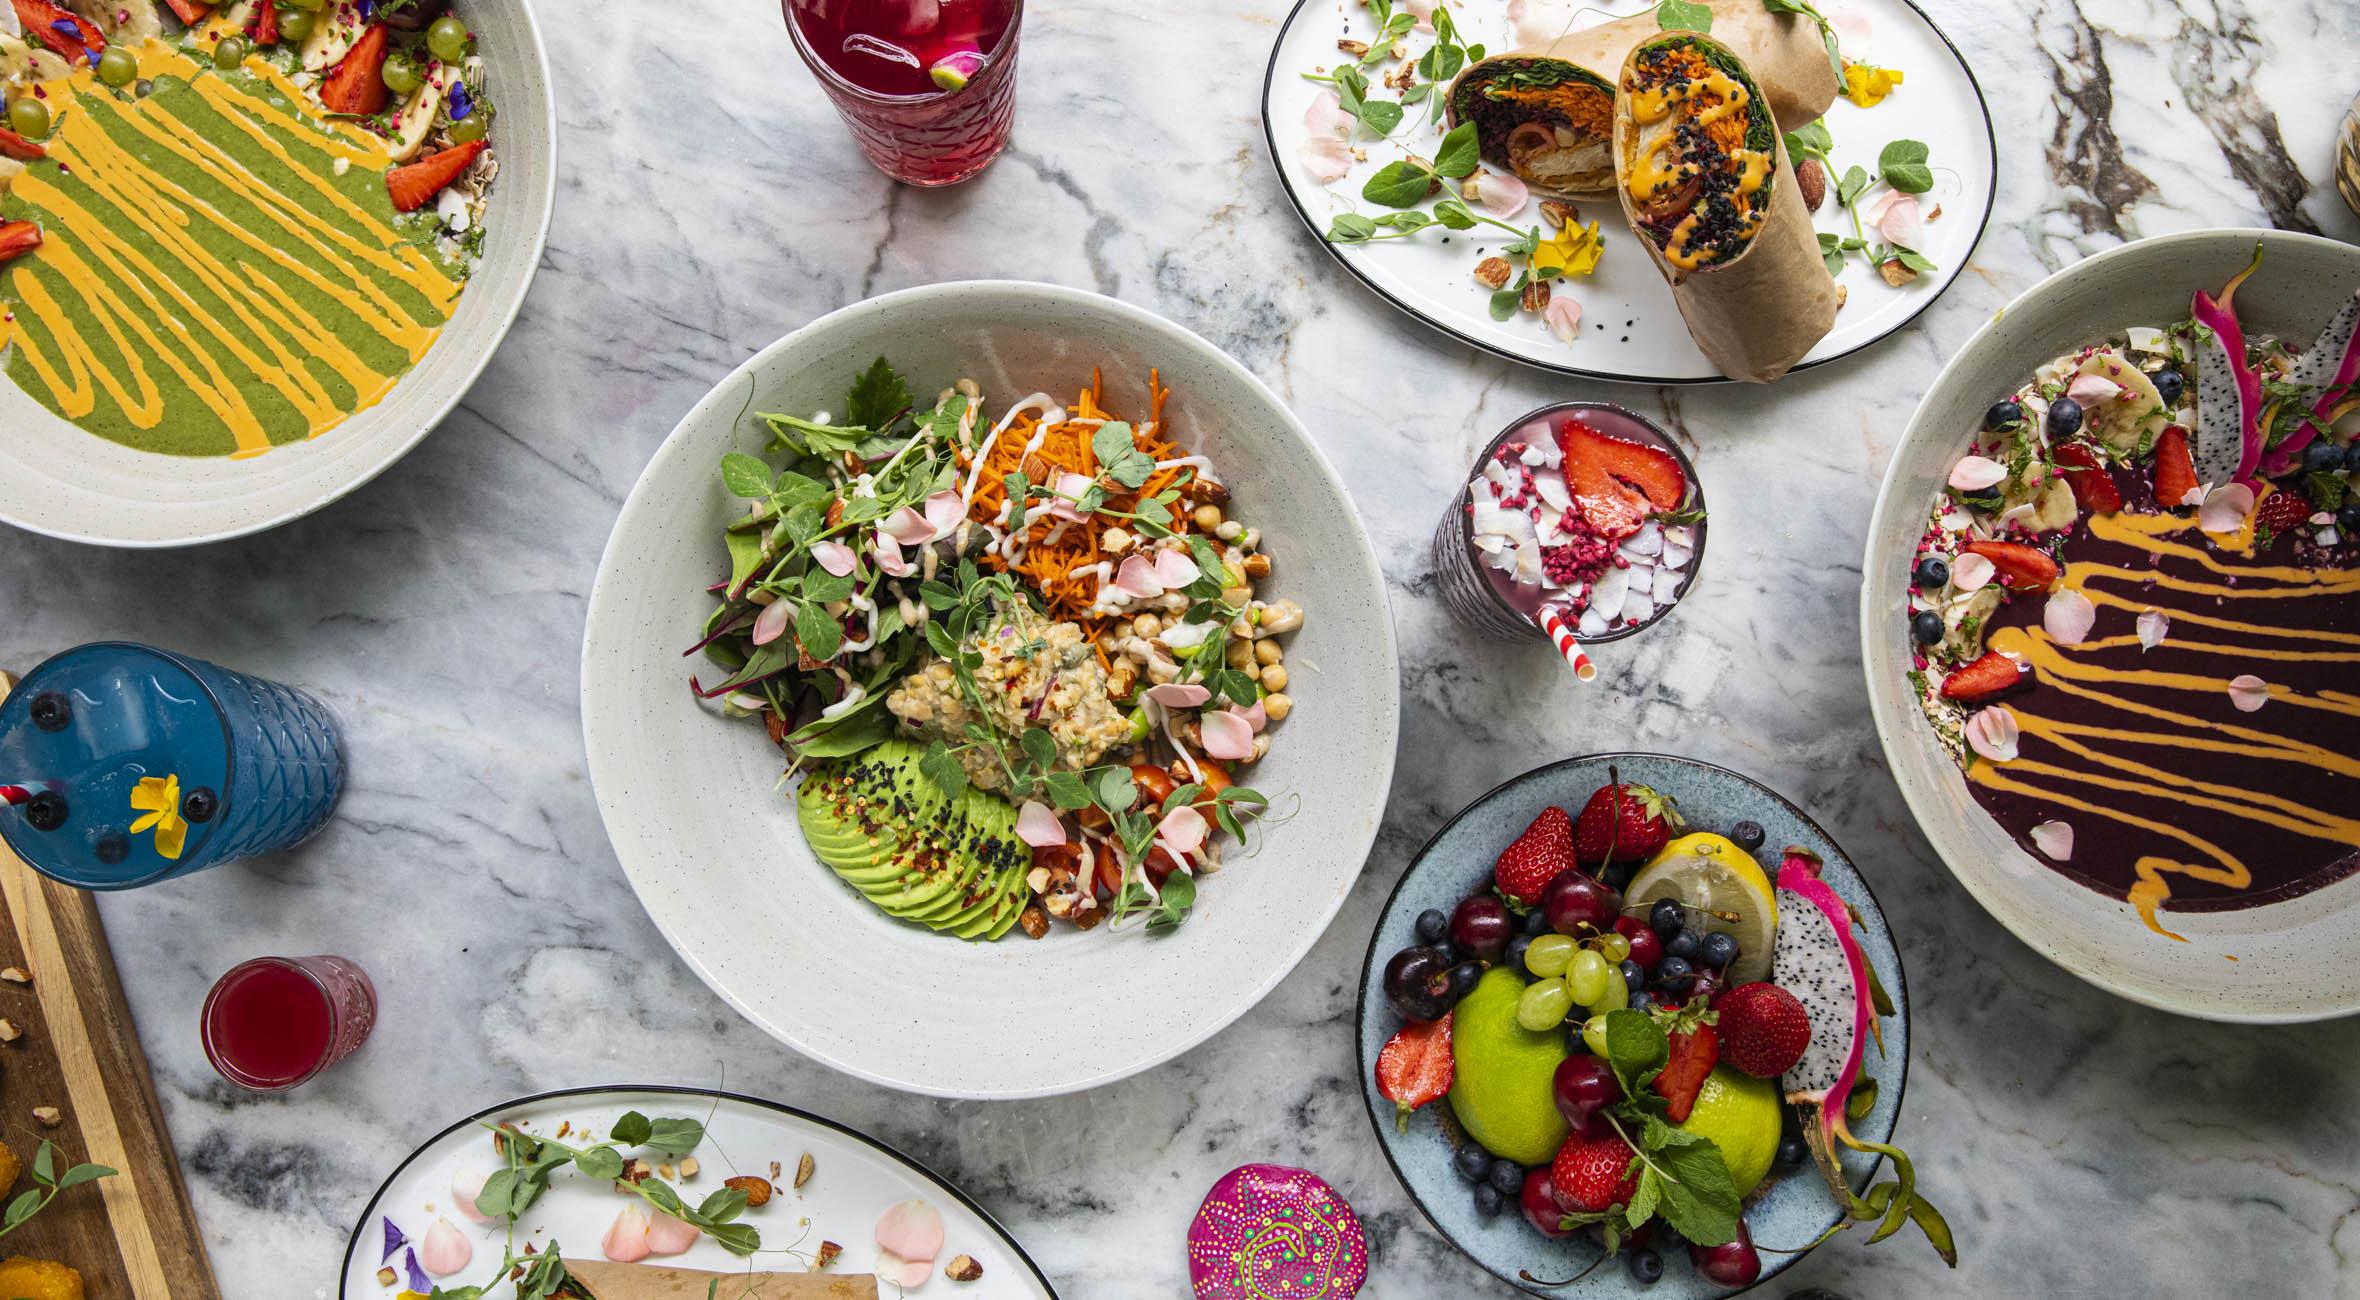 Frit valg til alt hos The Organic Boho på Østerbro og Christianshavn – Veganske hitmagere byder på brunch, acai bowls, falafel-burgere, kager og superfood wraps